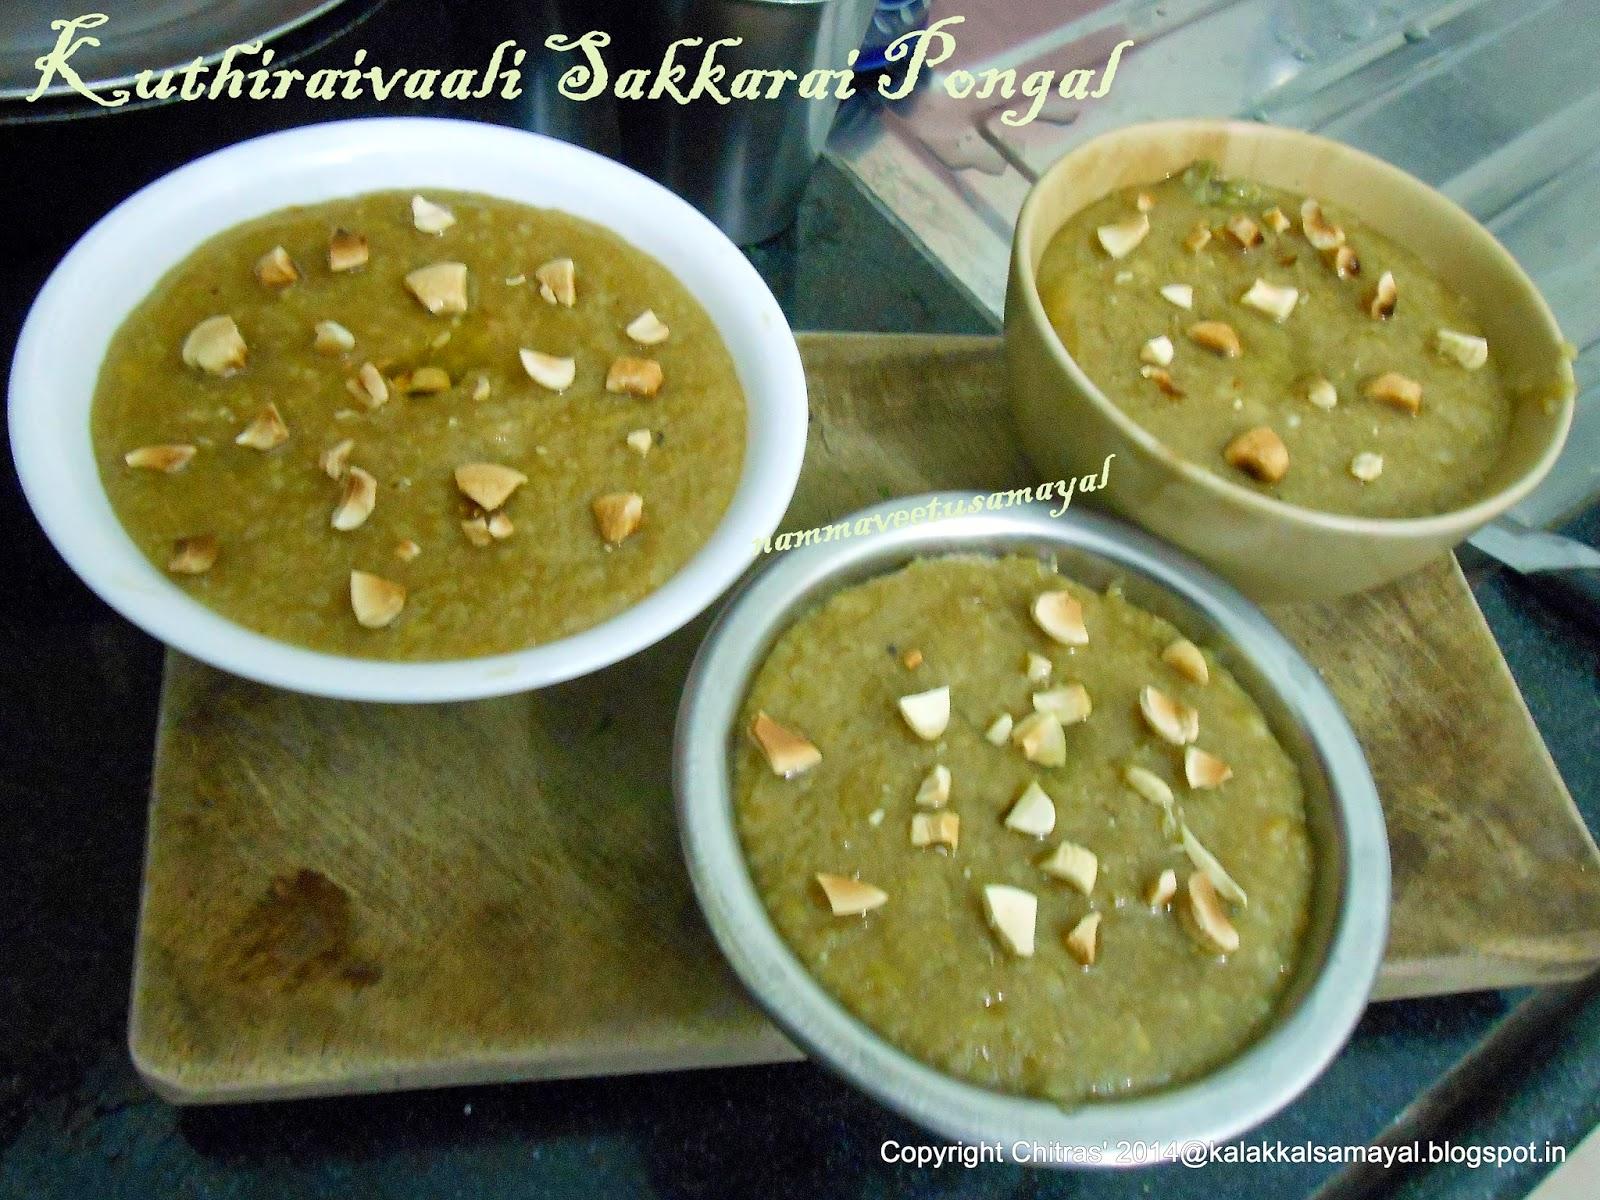 Kuthiraivaali Skkarai Pongal [ Barnyard Millet Sweet Pongal ]